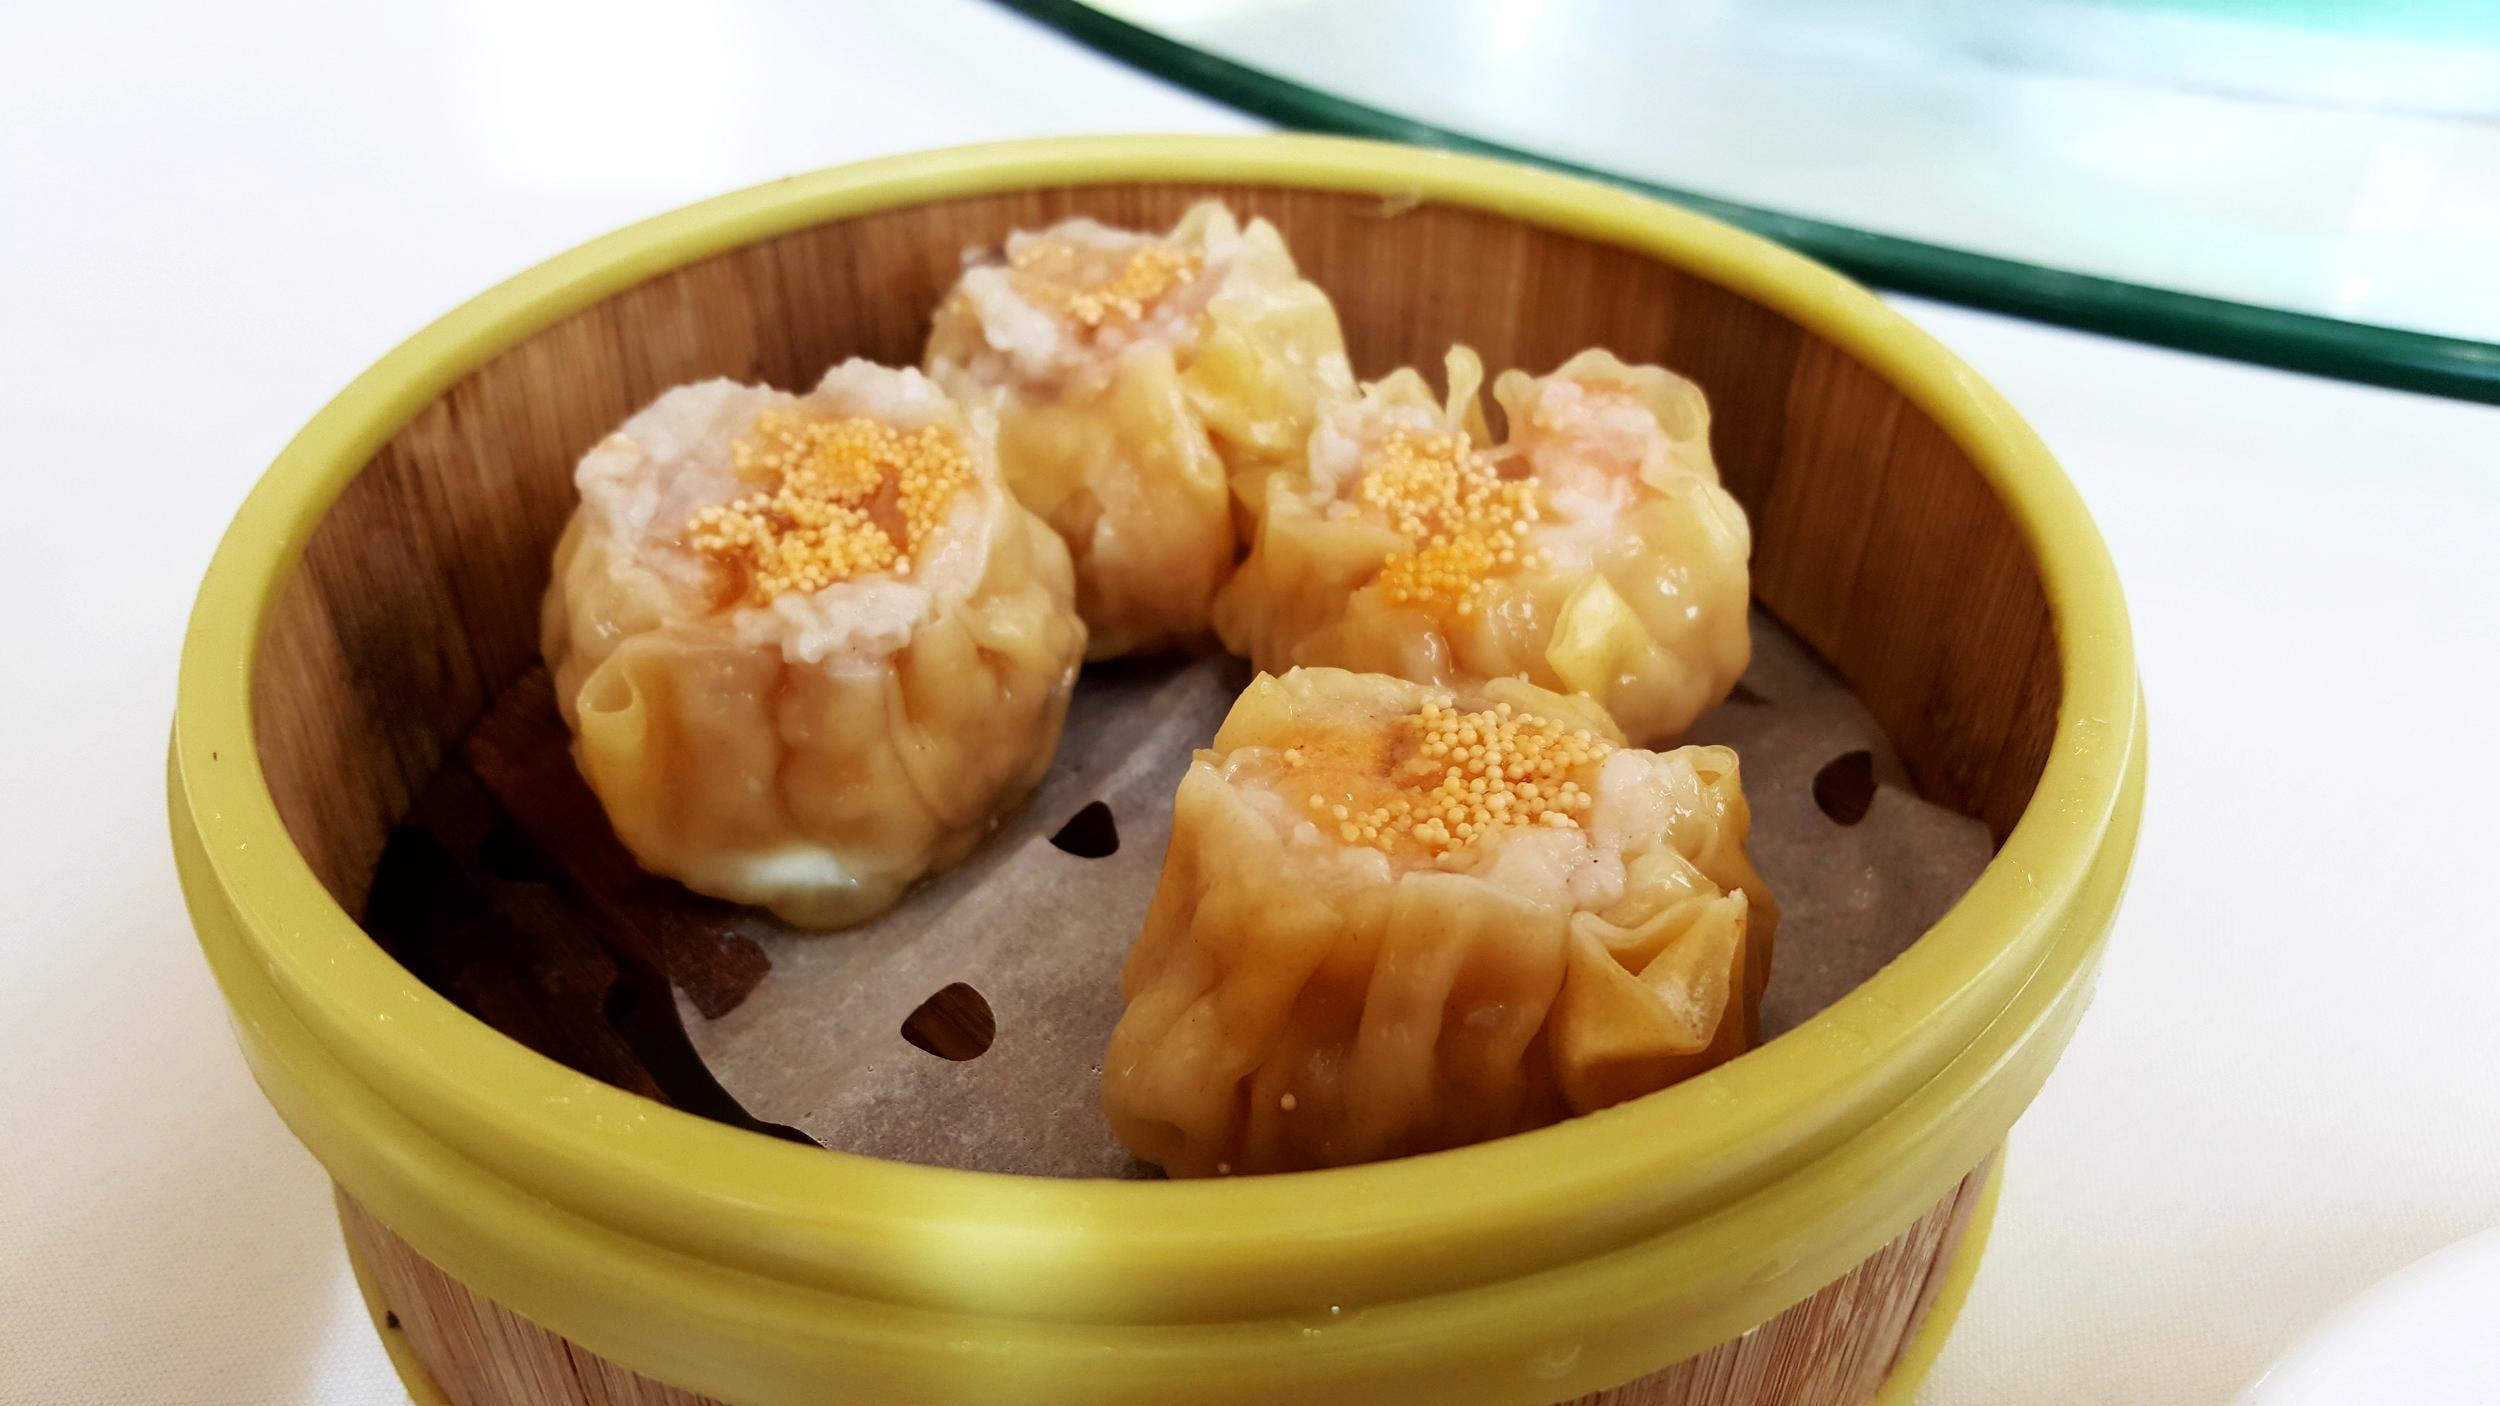 Shiu Mai (Shrimp & Pork)